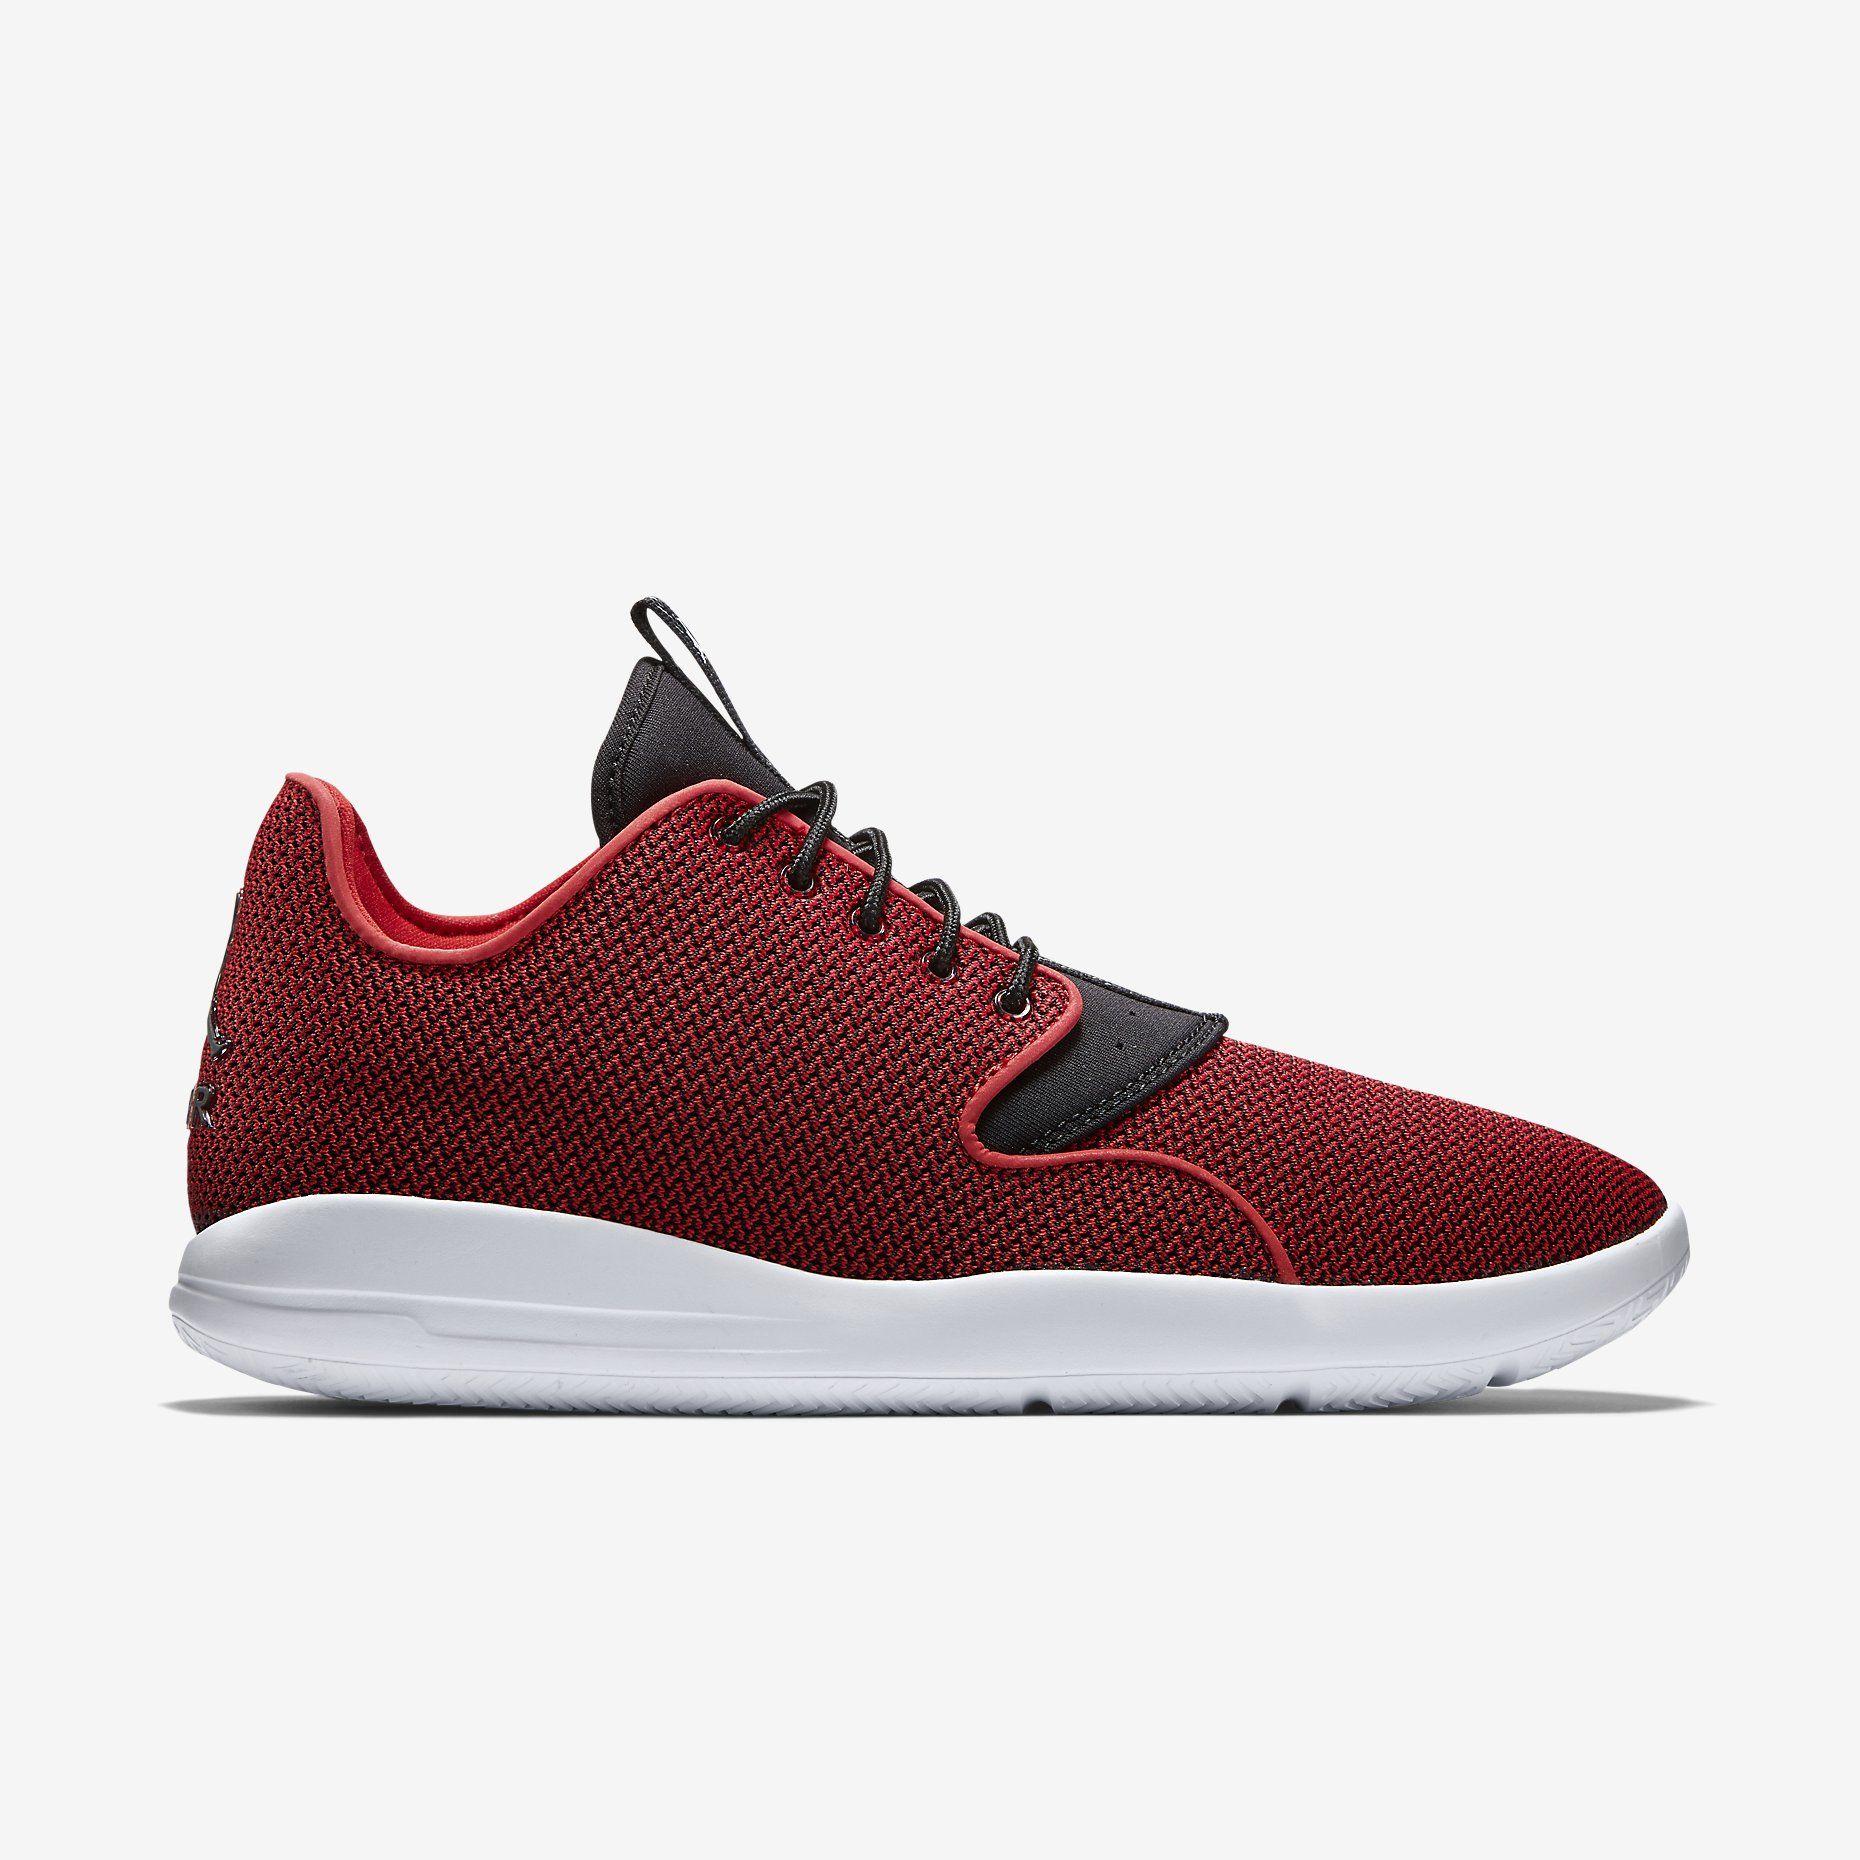 62b8ef58758 Jordan Eclipse Zapatillas - Hombre. Nike Store ES